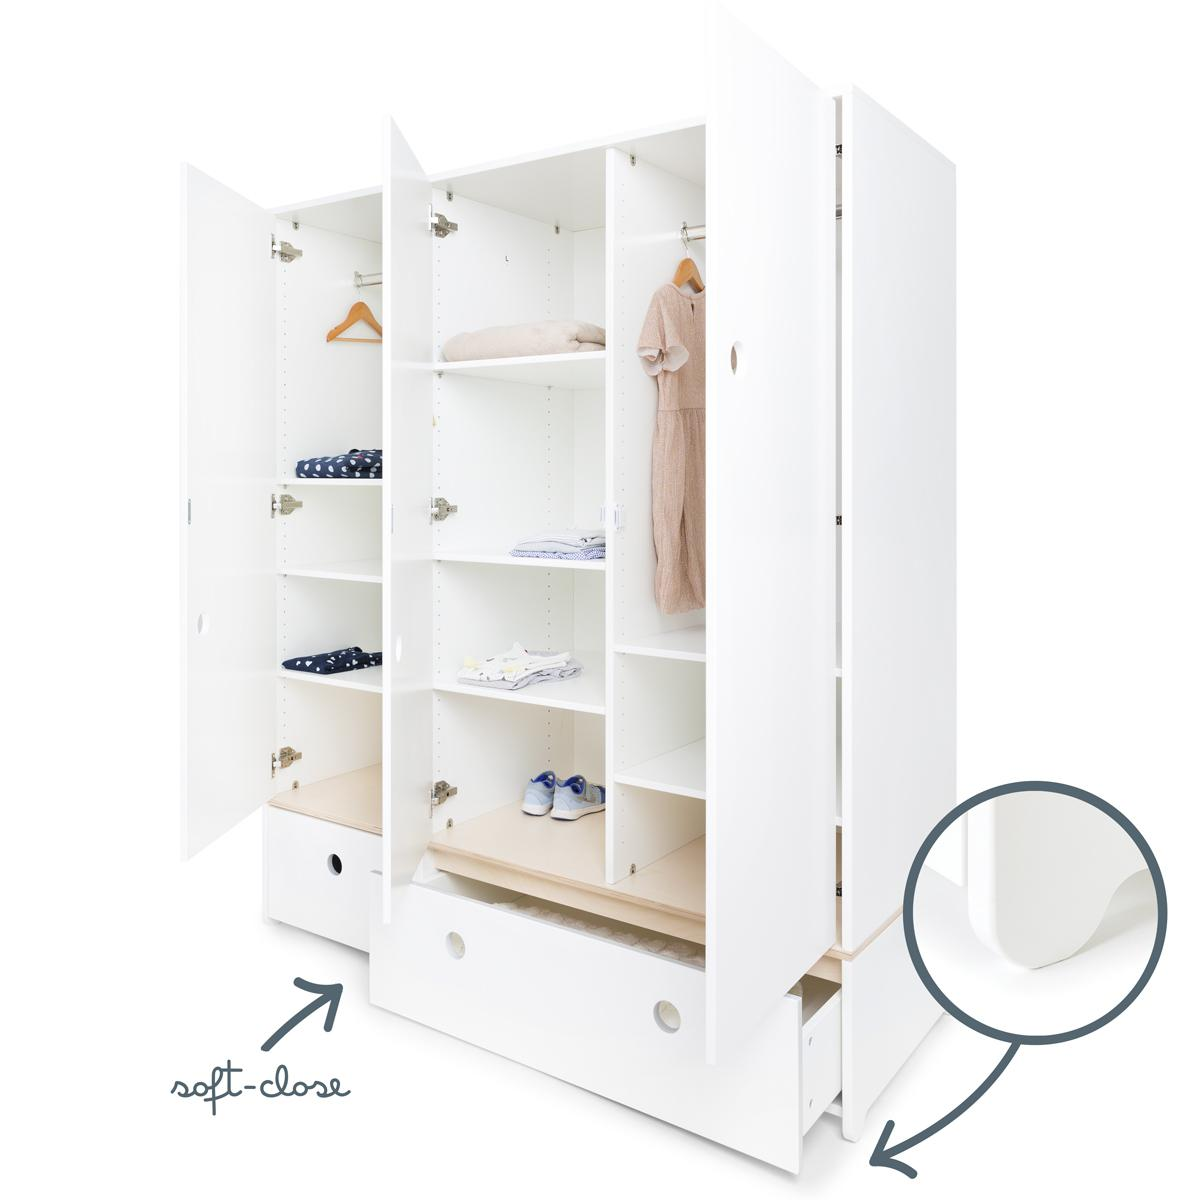 Armoire 3 portes COLORFLEX façades tiroirs white